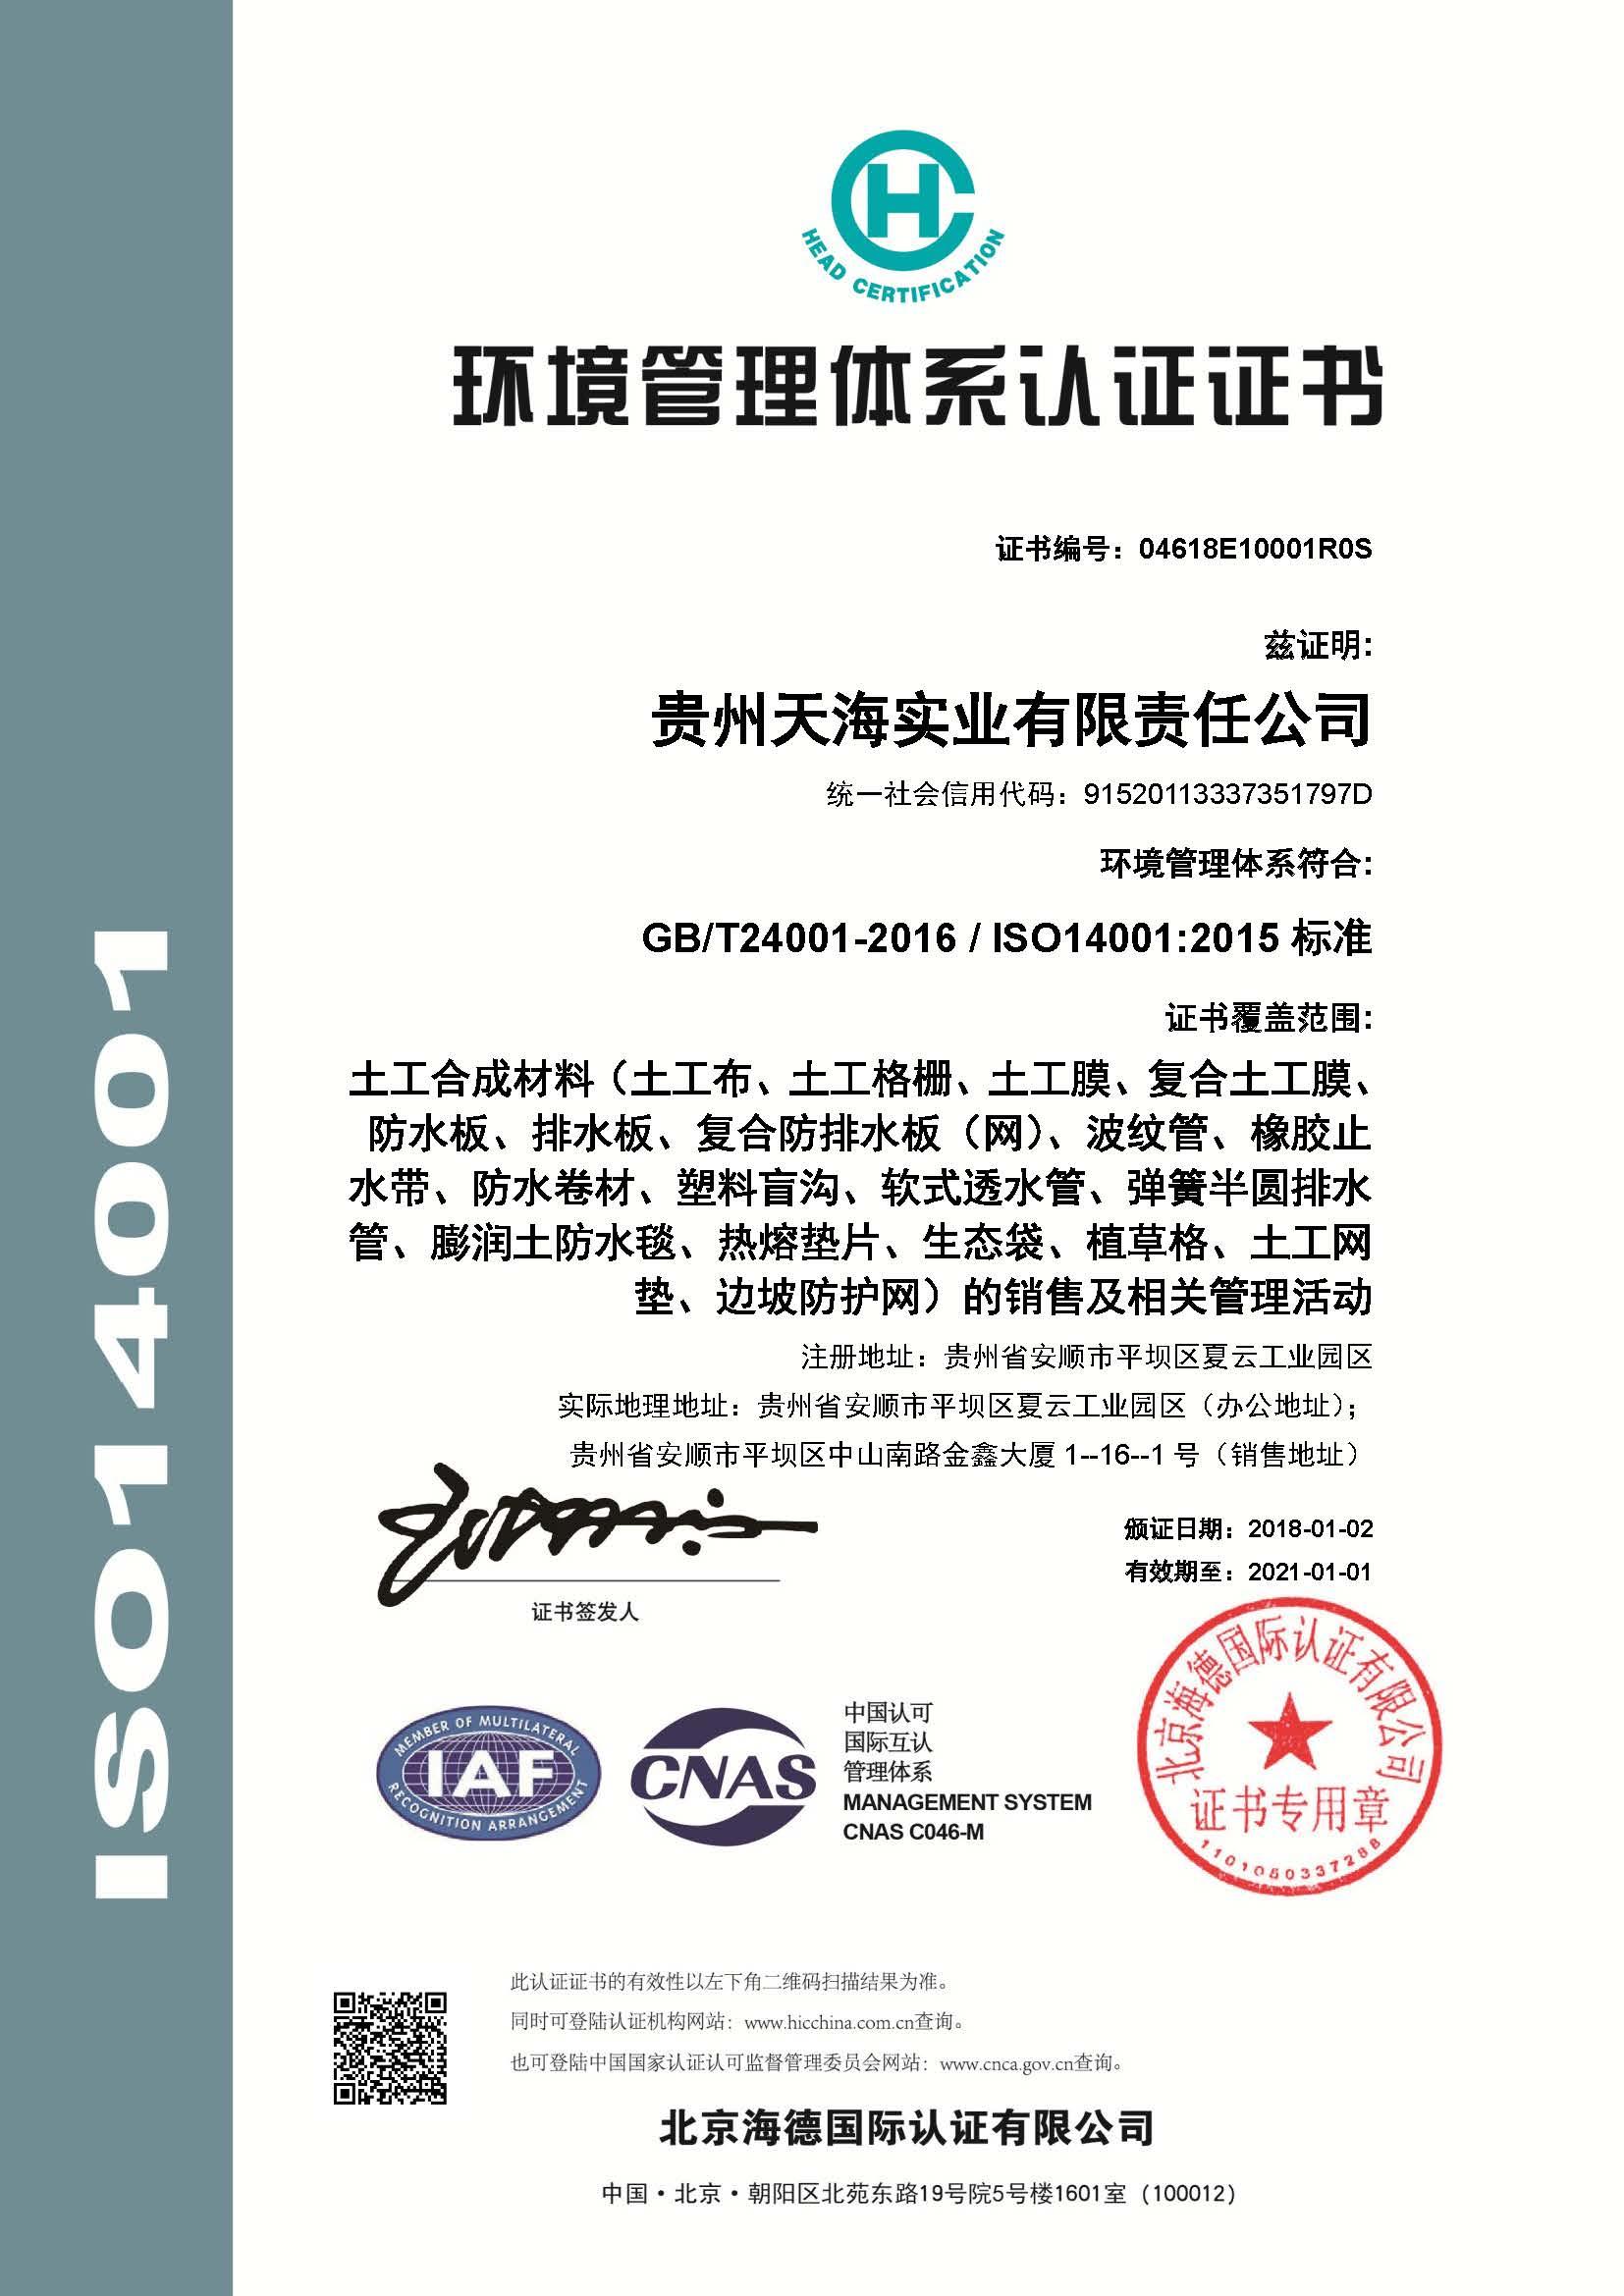 【天海】环境管理体系认证证书